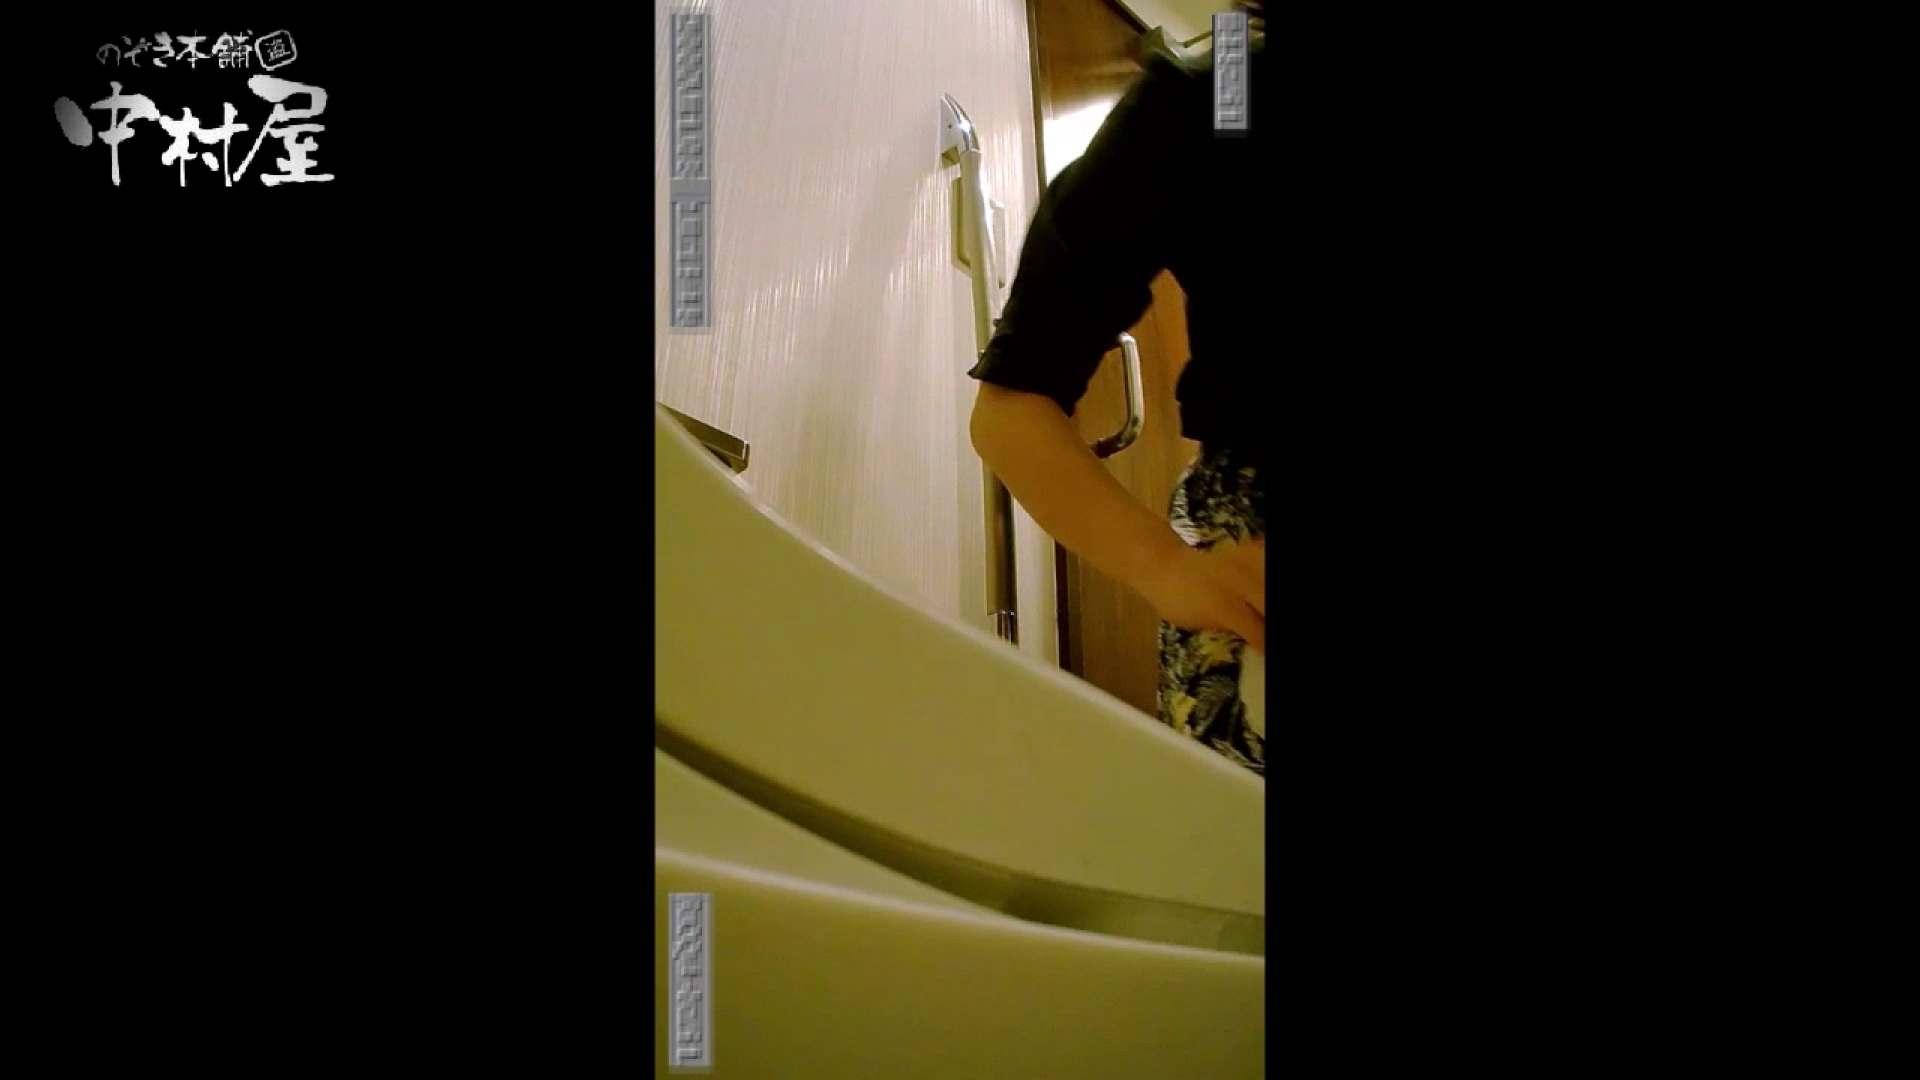 高画質トイレ盗撮vol.13 美しいOLの裸体 ヌード画像 94pic 22